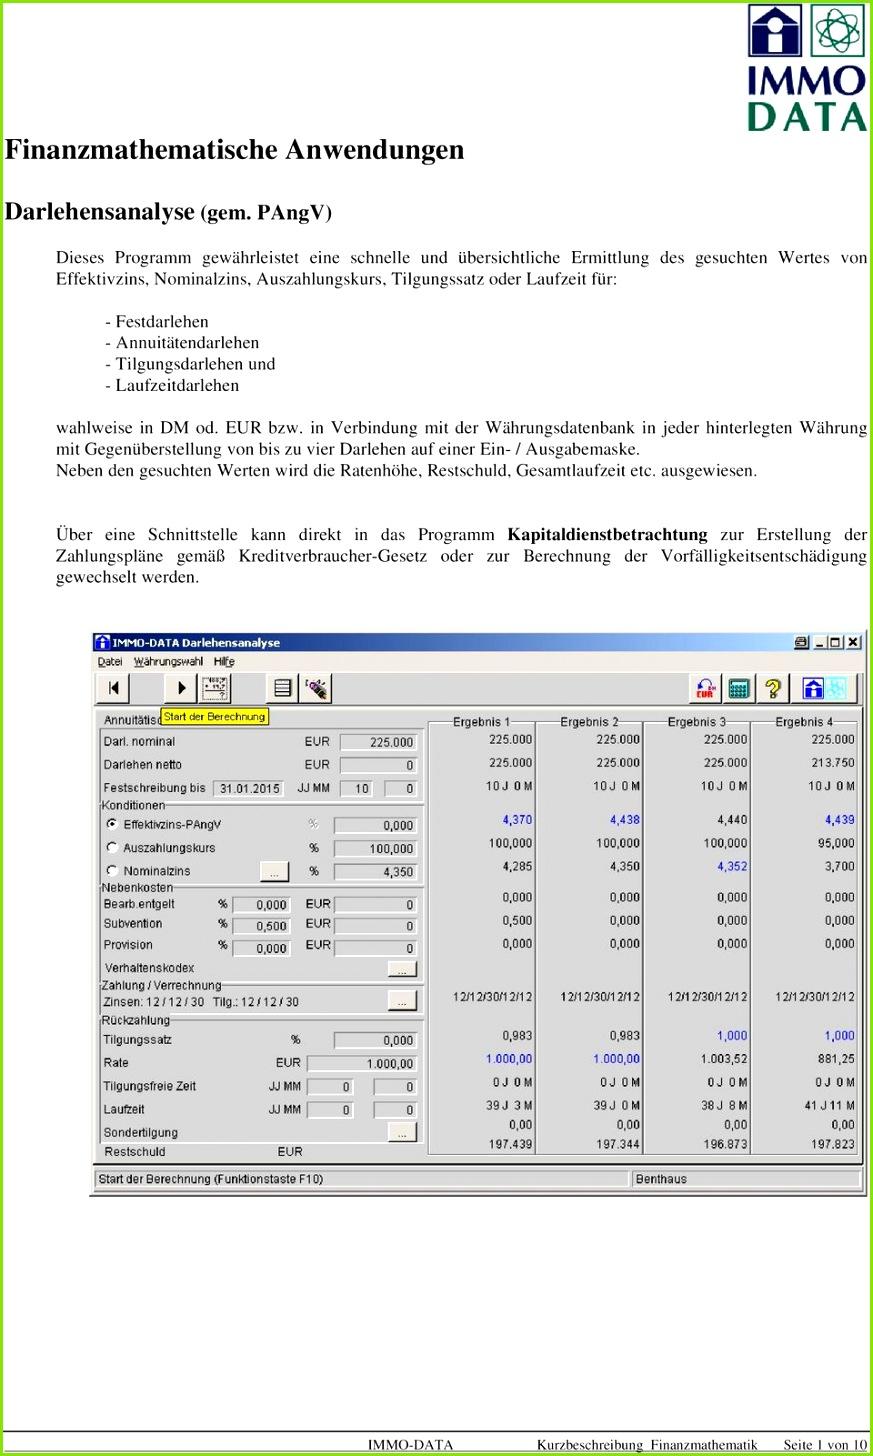 Annuitätendarlehen Tilgungsdarlehen und Laufzeitdarlehen wahlweise in DM od